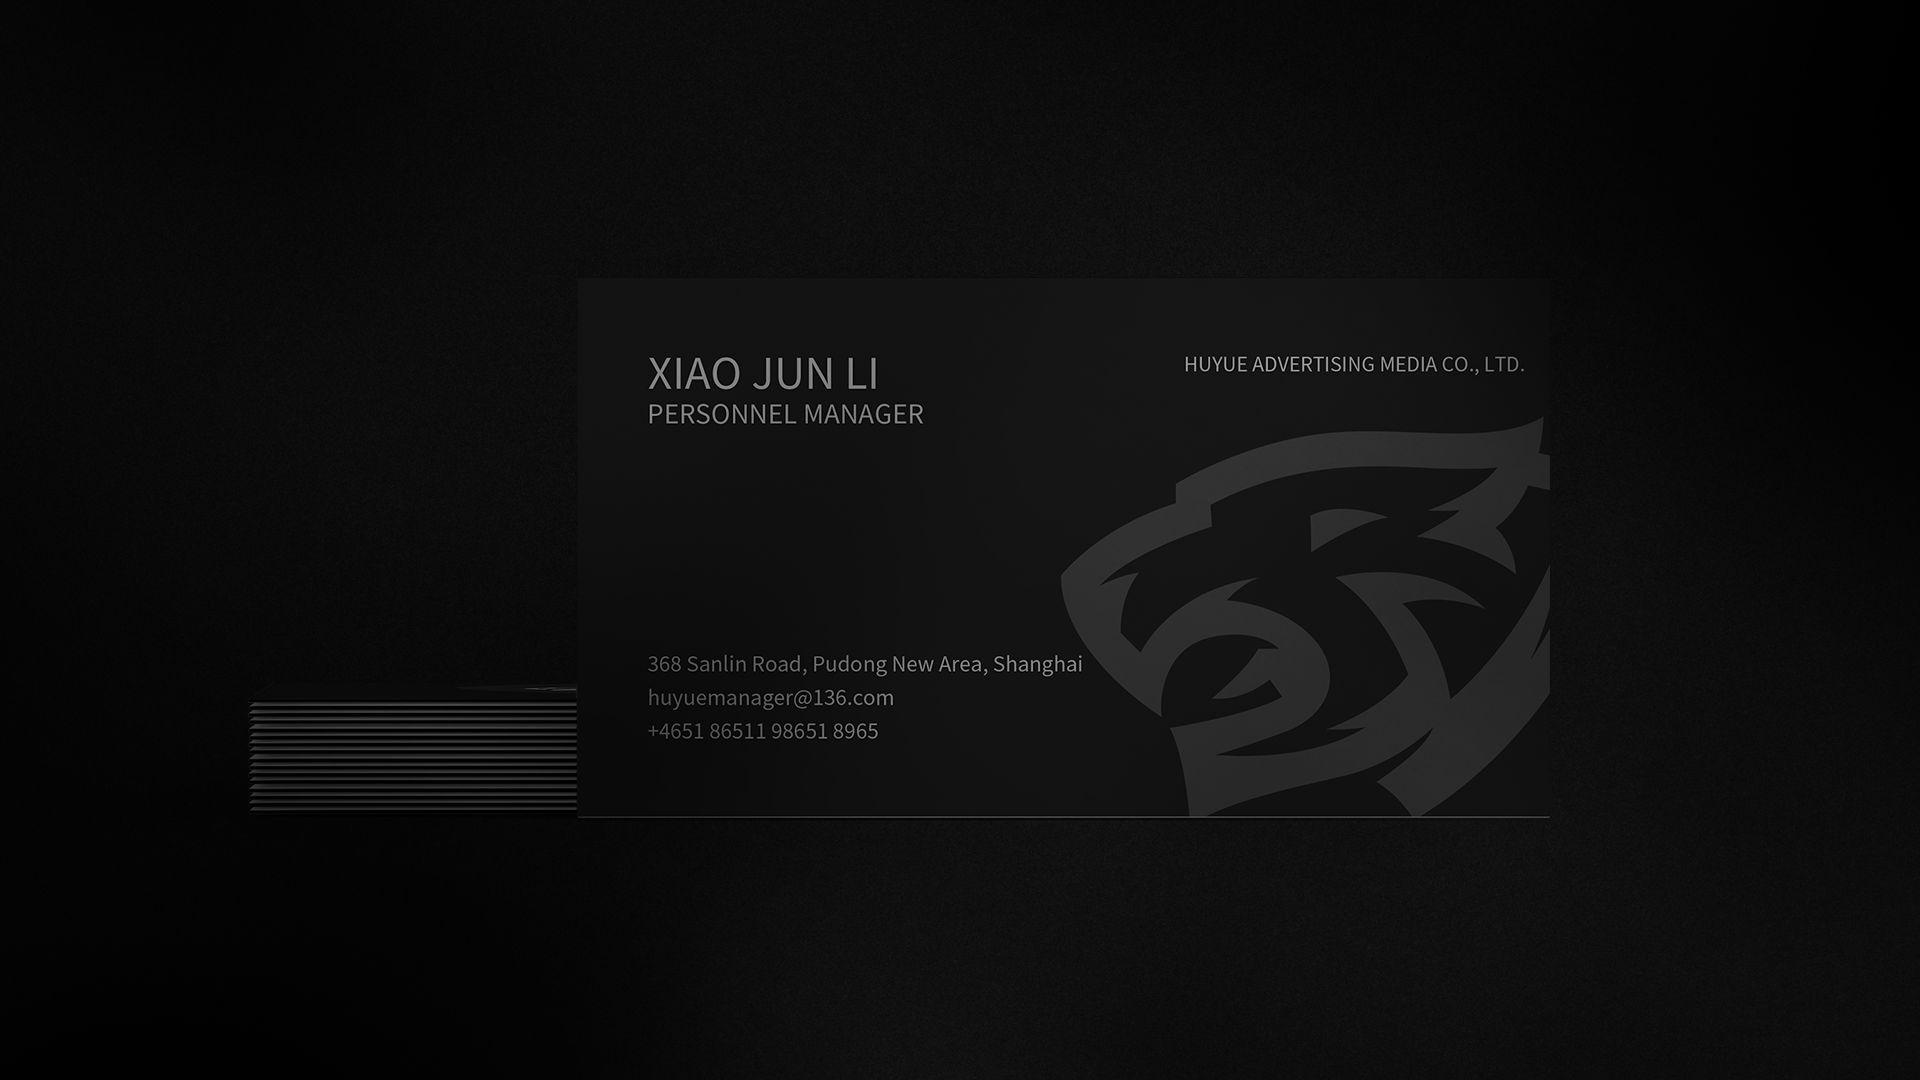 虎跃广告-4.jpg